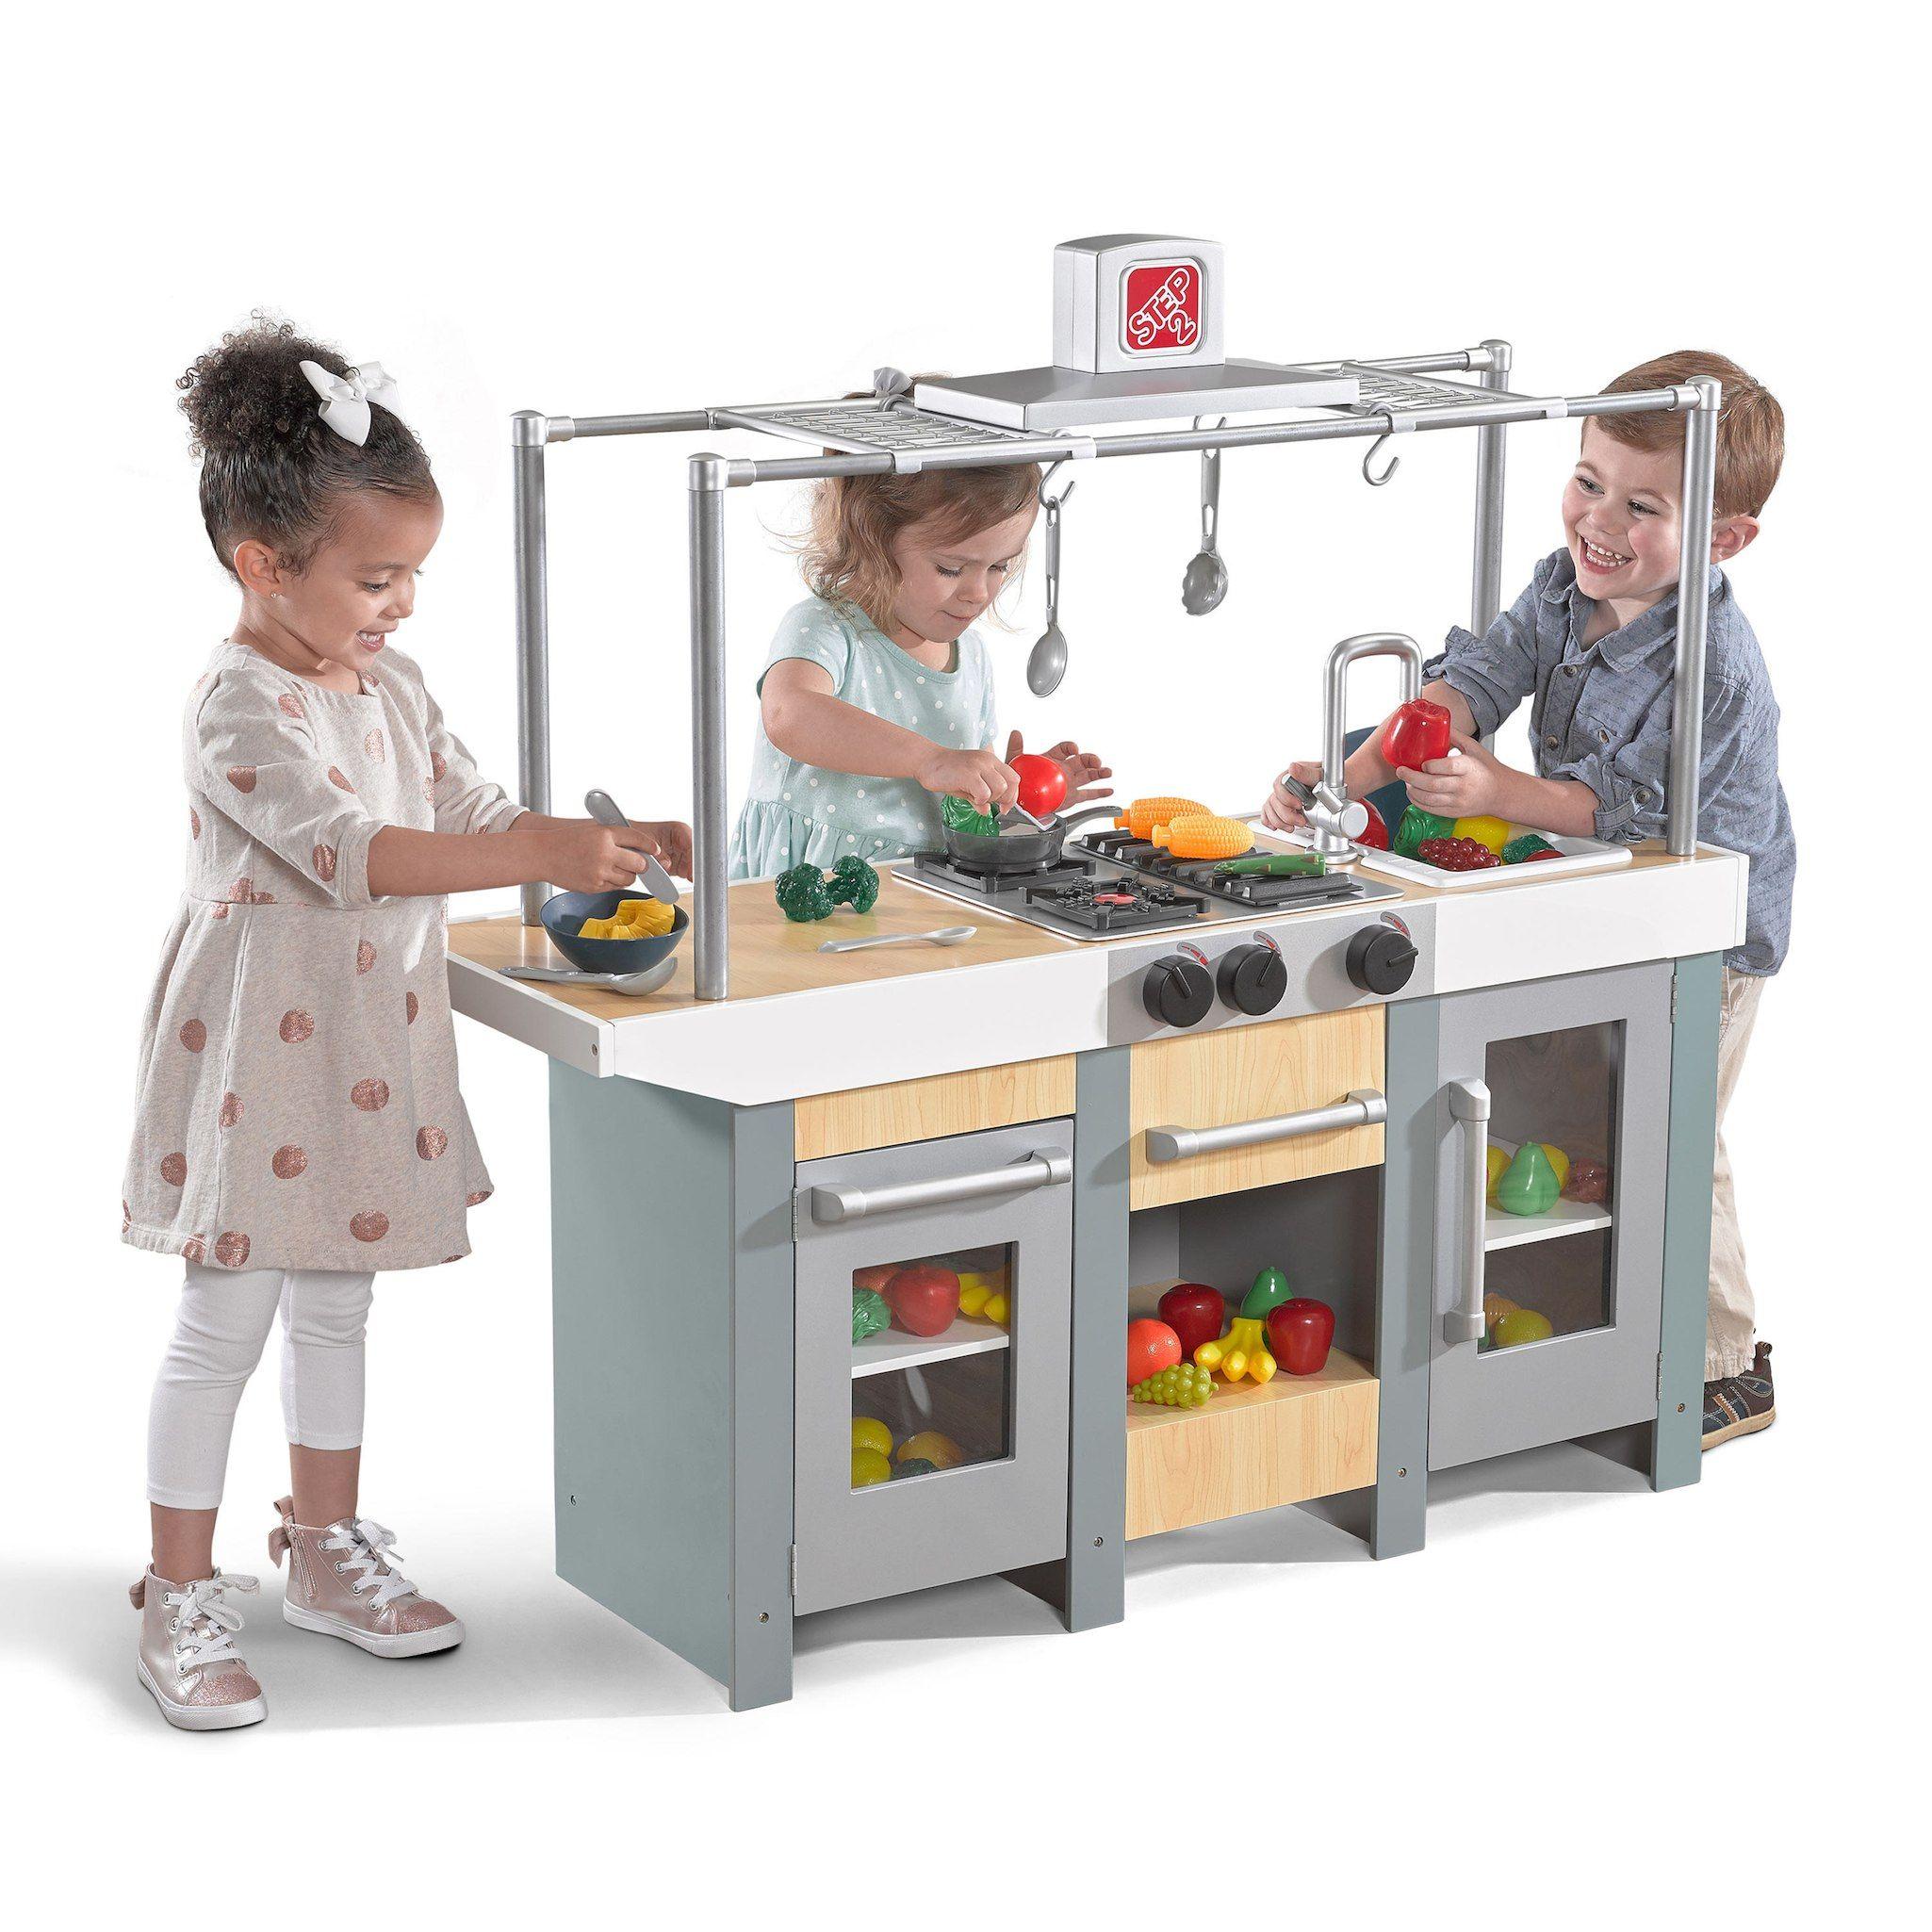 play kitchen island indoor garden step2 uptown urban wood and set wish list toys